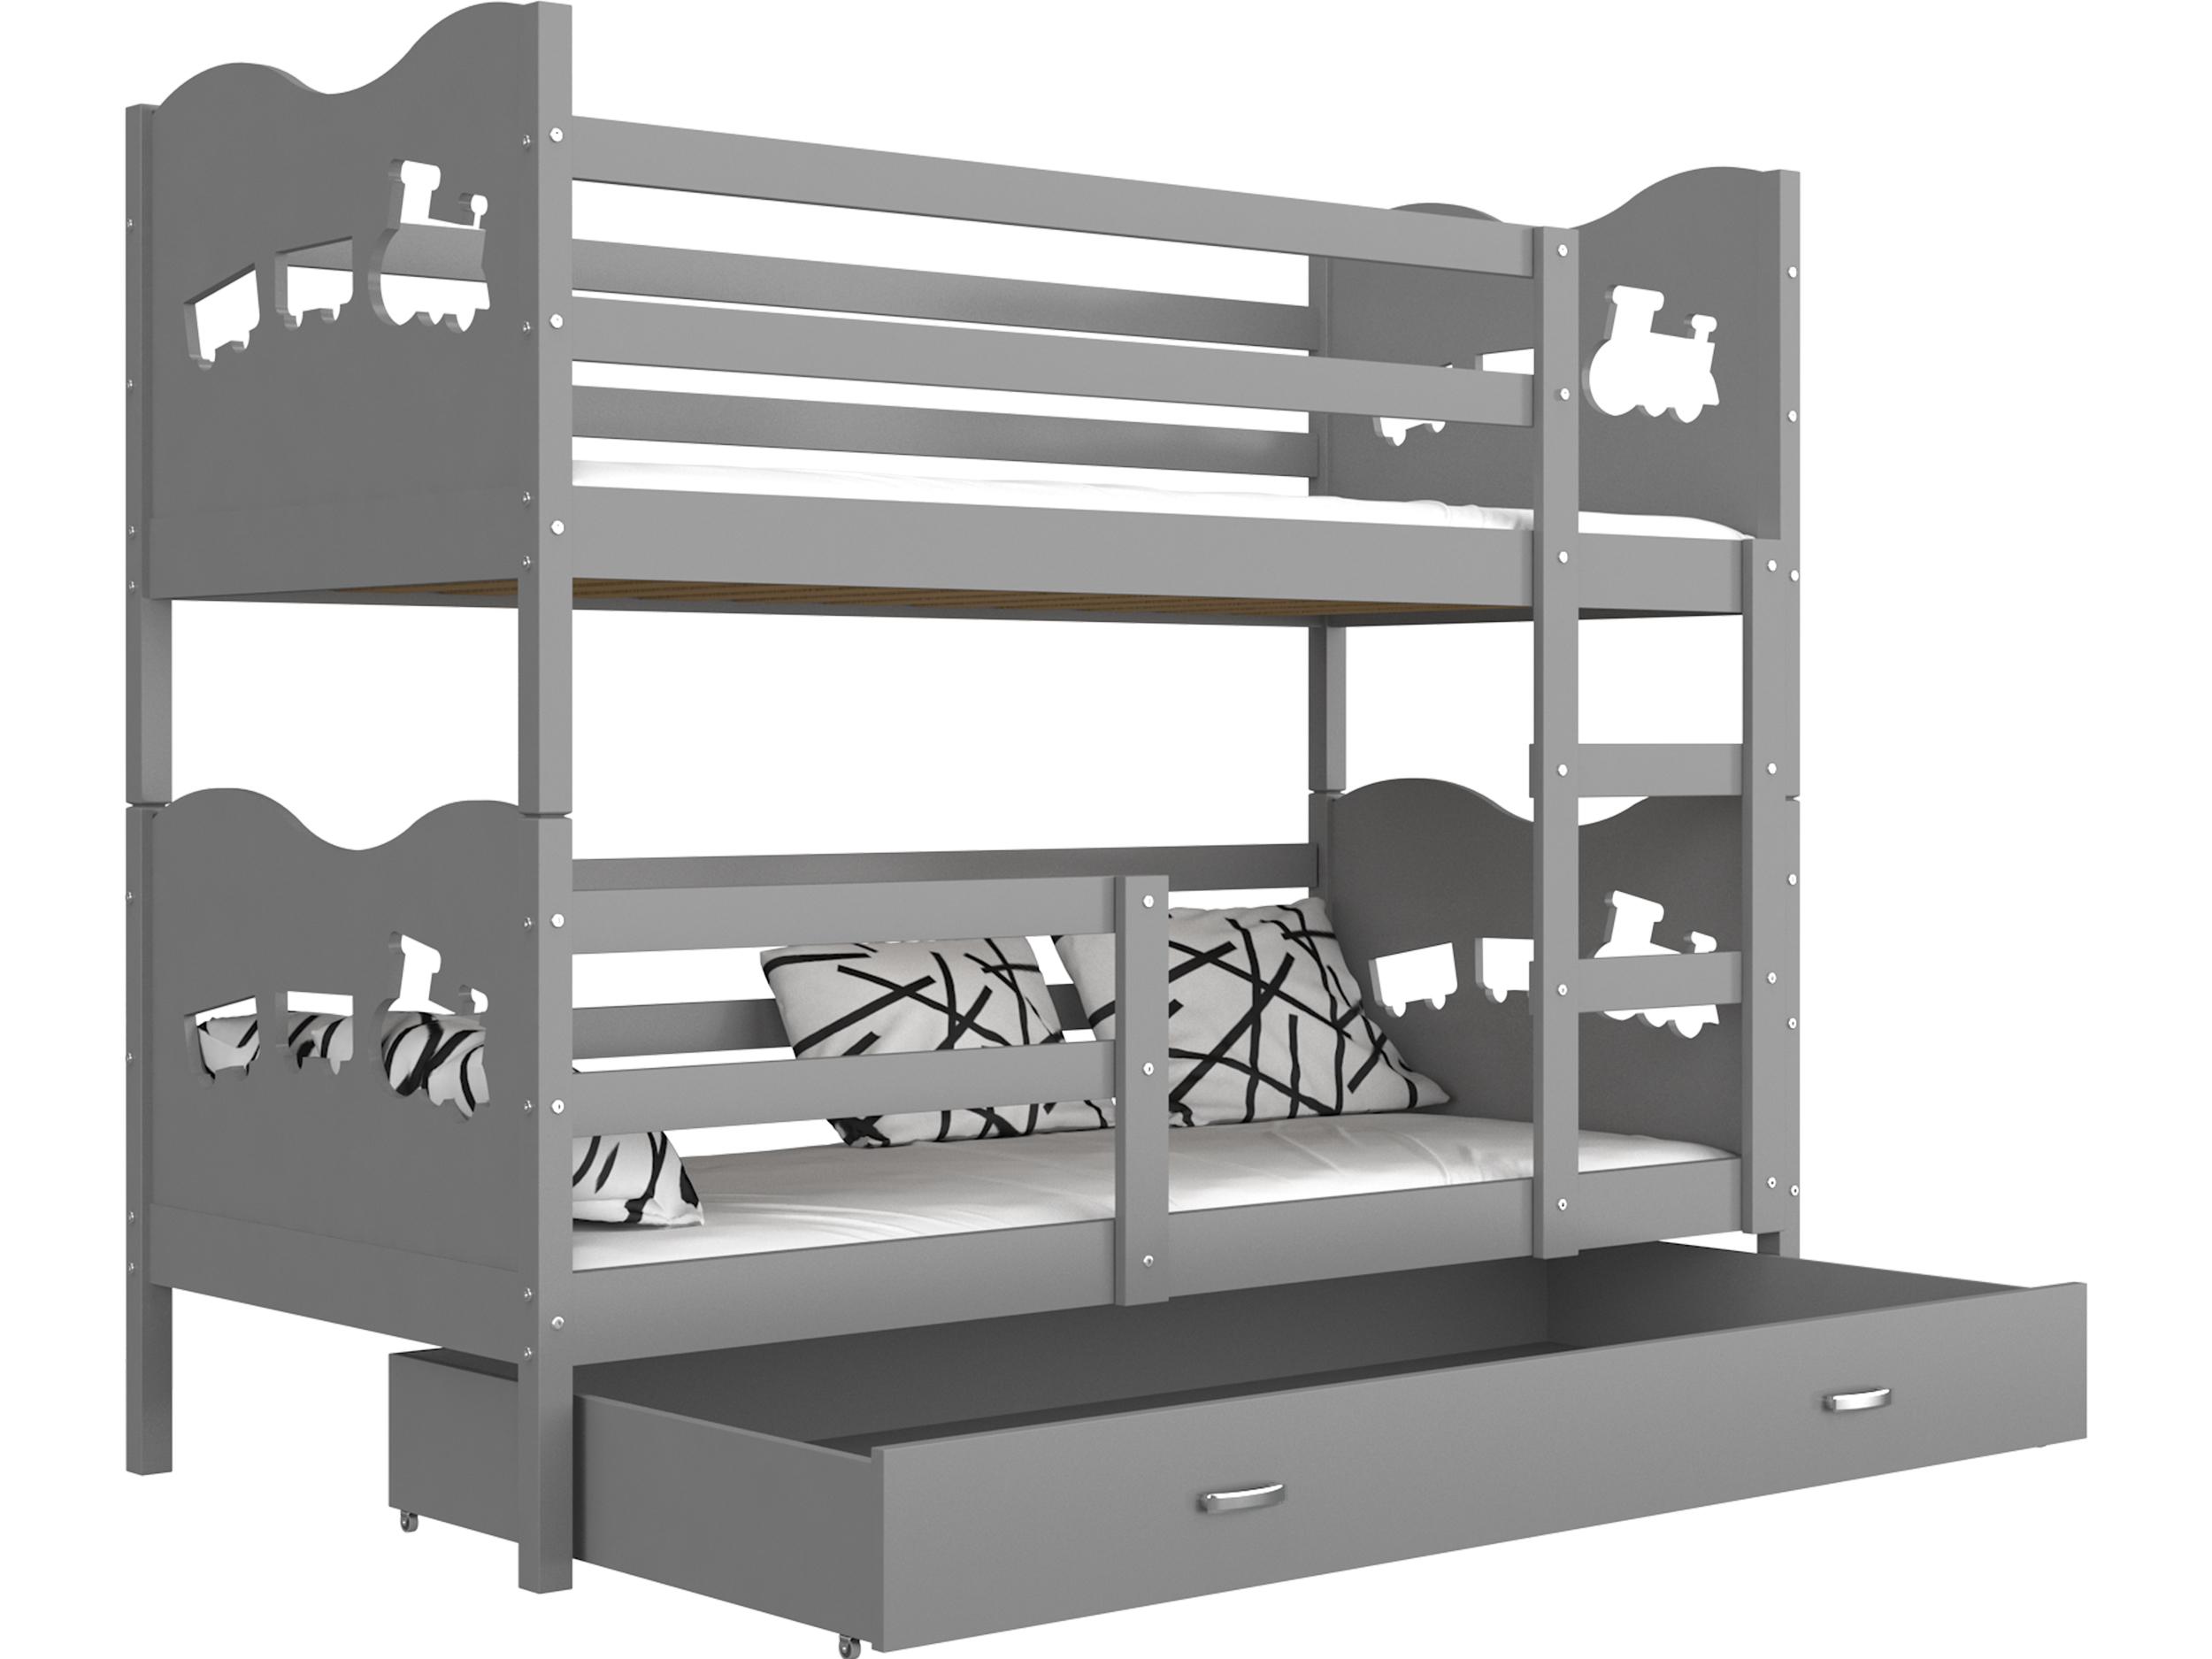 ArtAJ Detská poschodová posteľ MAX / MDF 160 x 80 cm Farba: Sivá / sivá, Prevedenie: bez matraca 160 x 80 cm